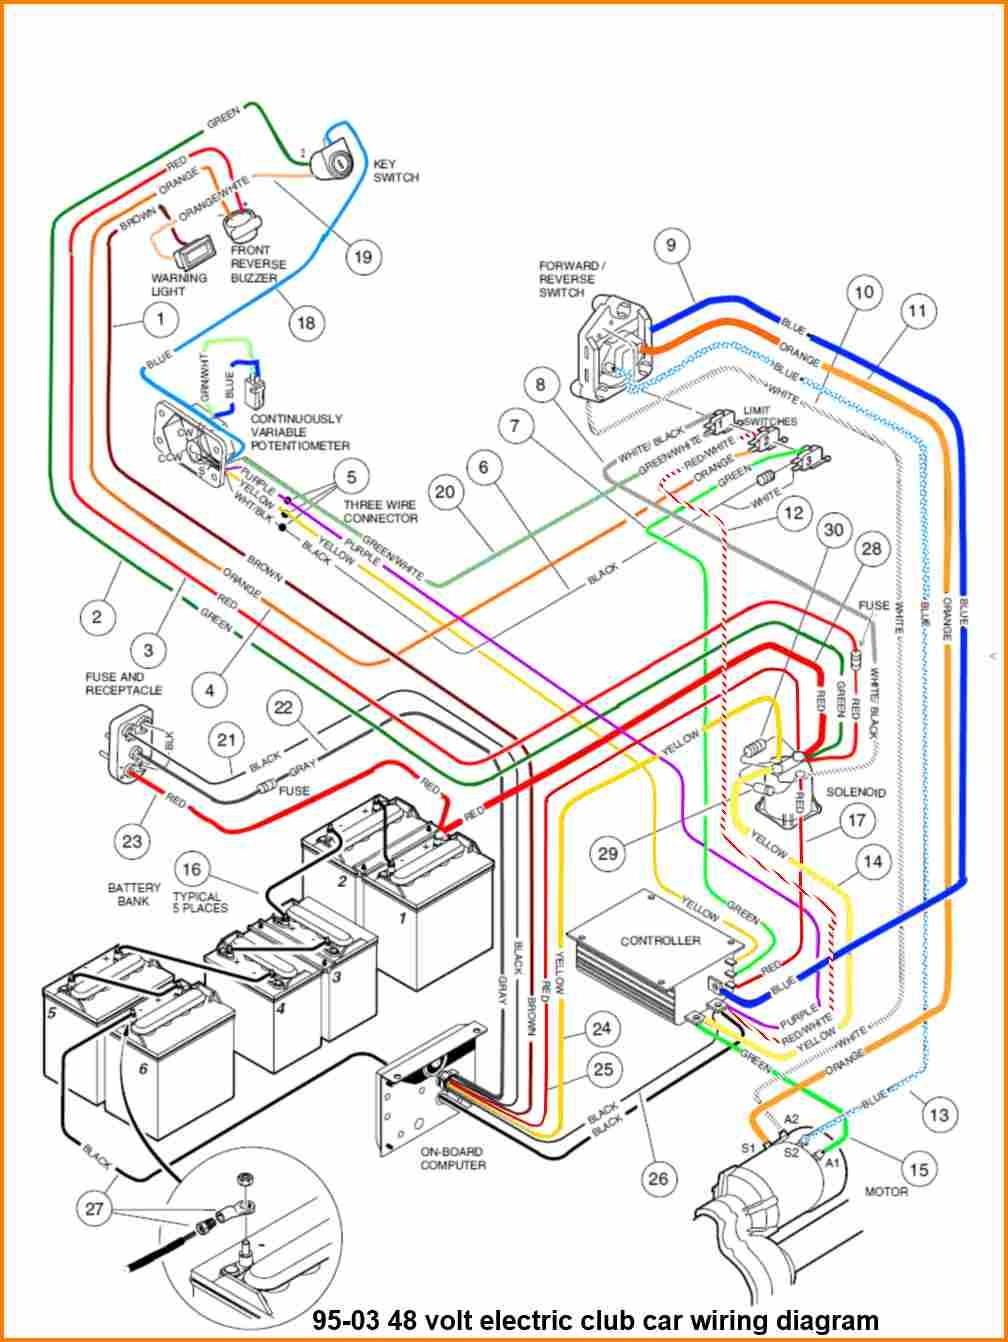 hight resolution of wiring diagram 2000 36 volt club car house wiring diagram symbols u2022 rh mollusksurfshopnyc com 2007